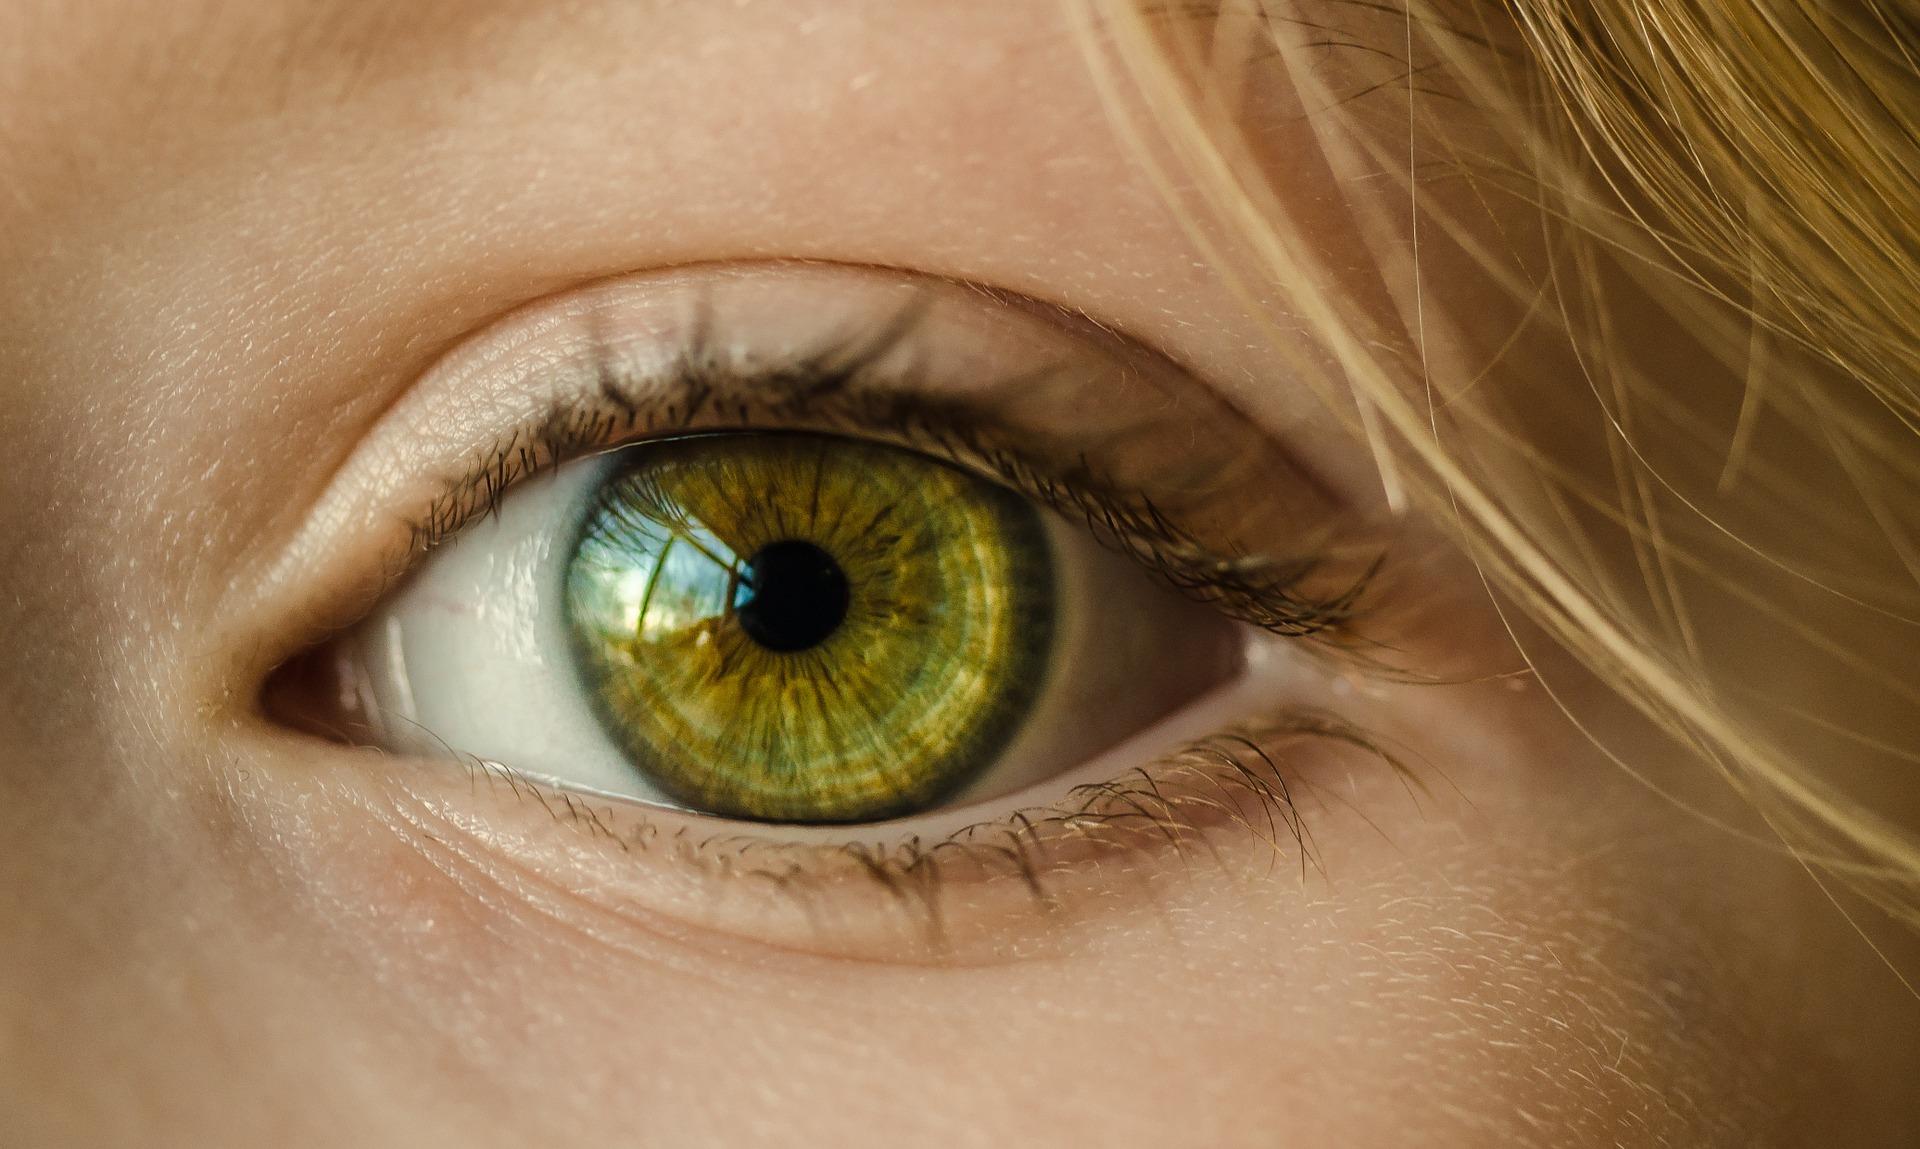 Maści aplikowane do oczu muszą spełniać wymóg jałowości (fot. Shutterstock).